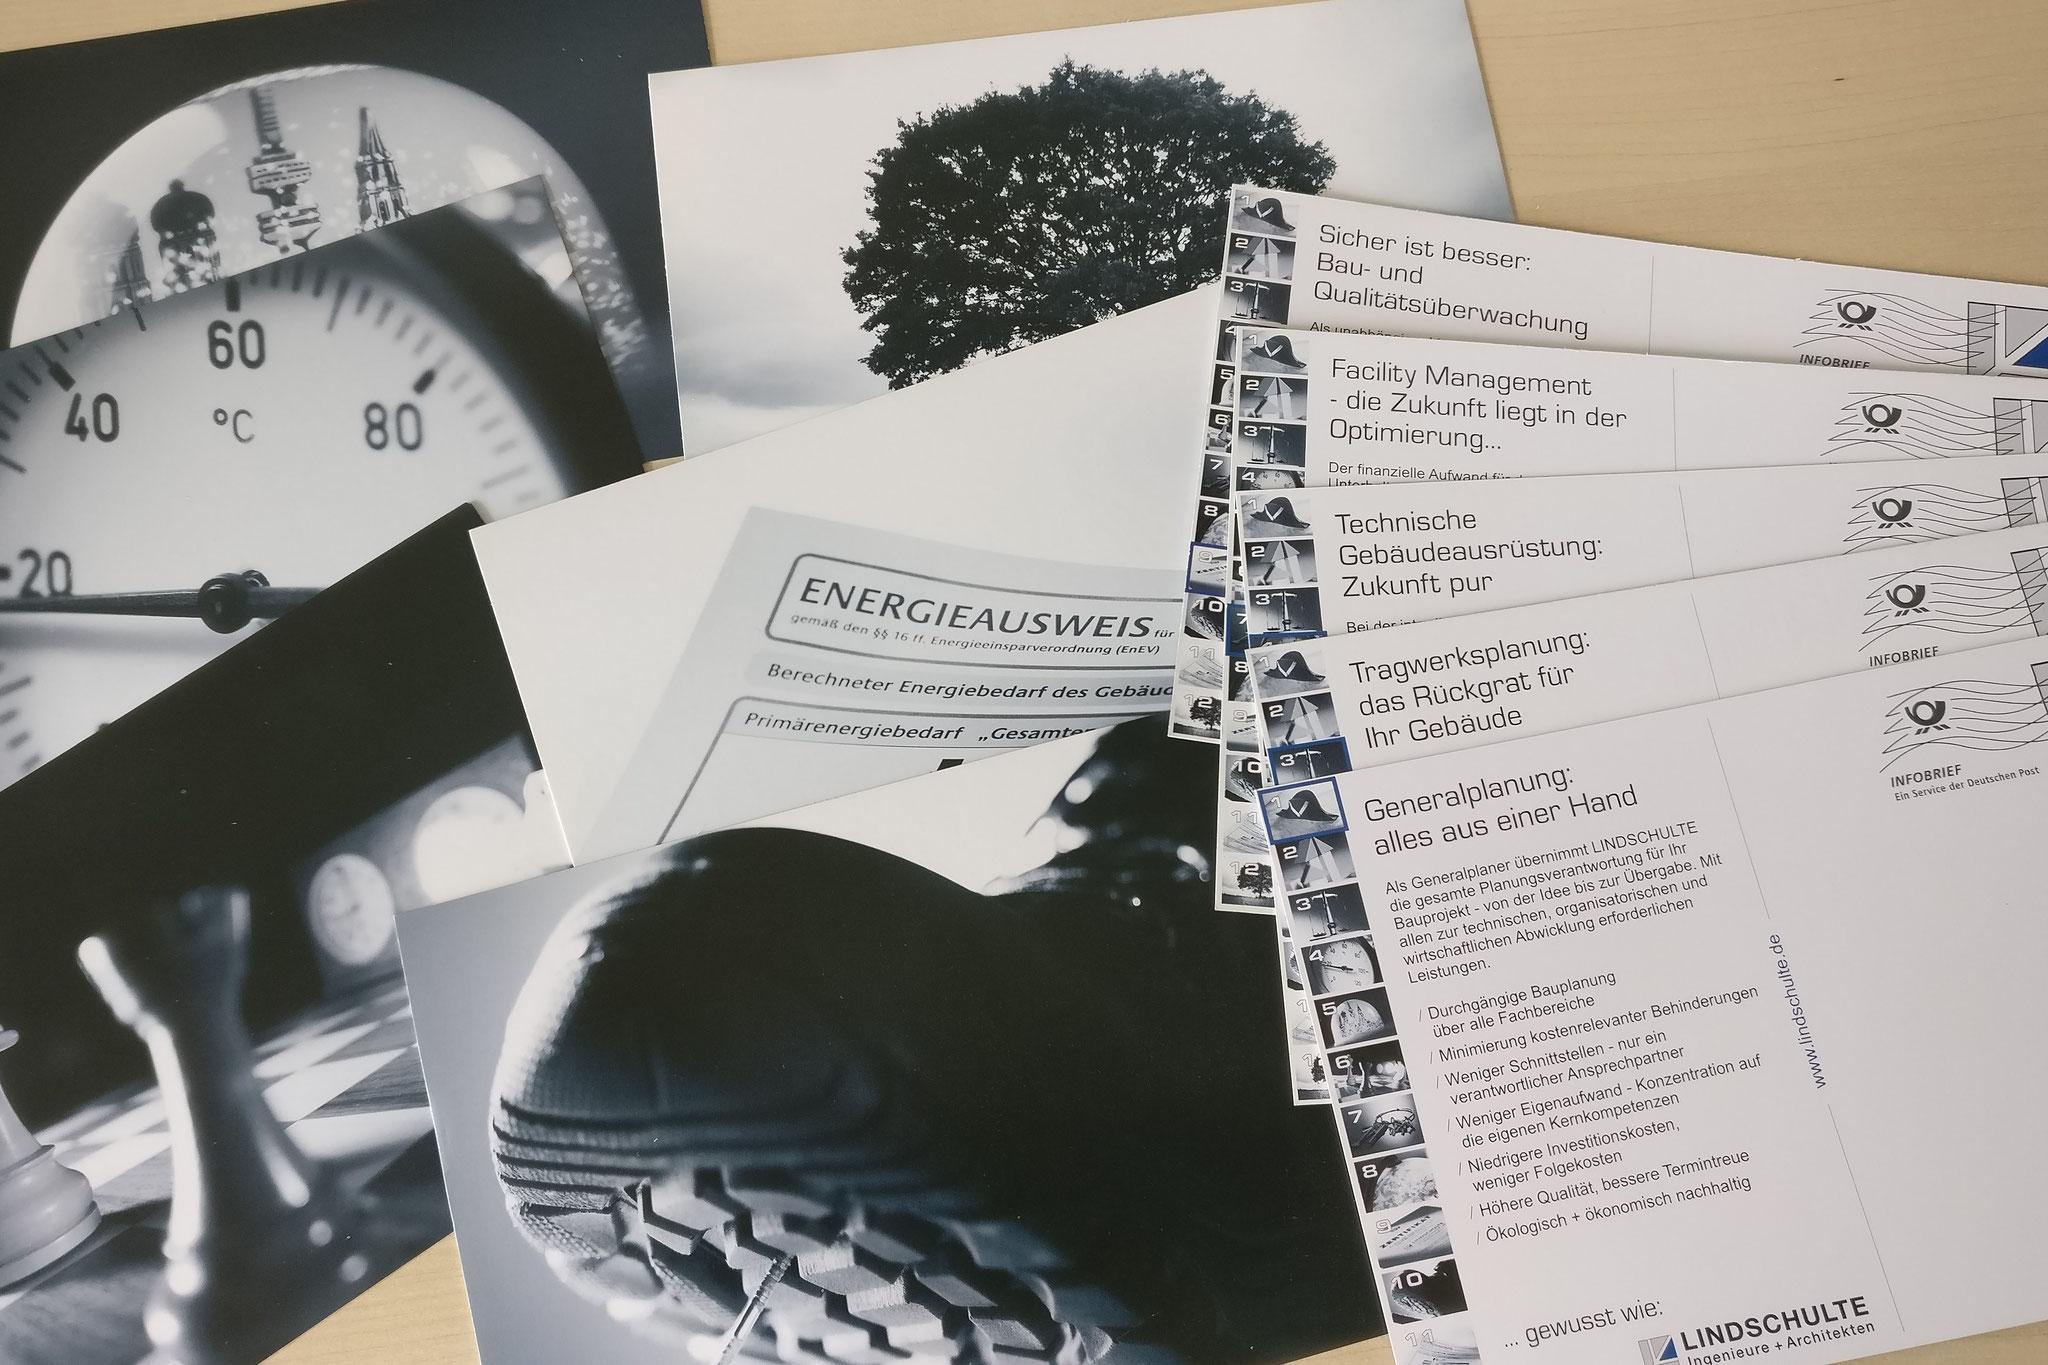 Postkarten-Mailing LINDSCHULTE Ingenieure + Architekten